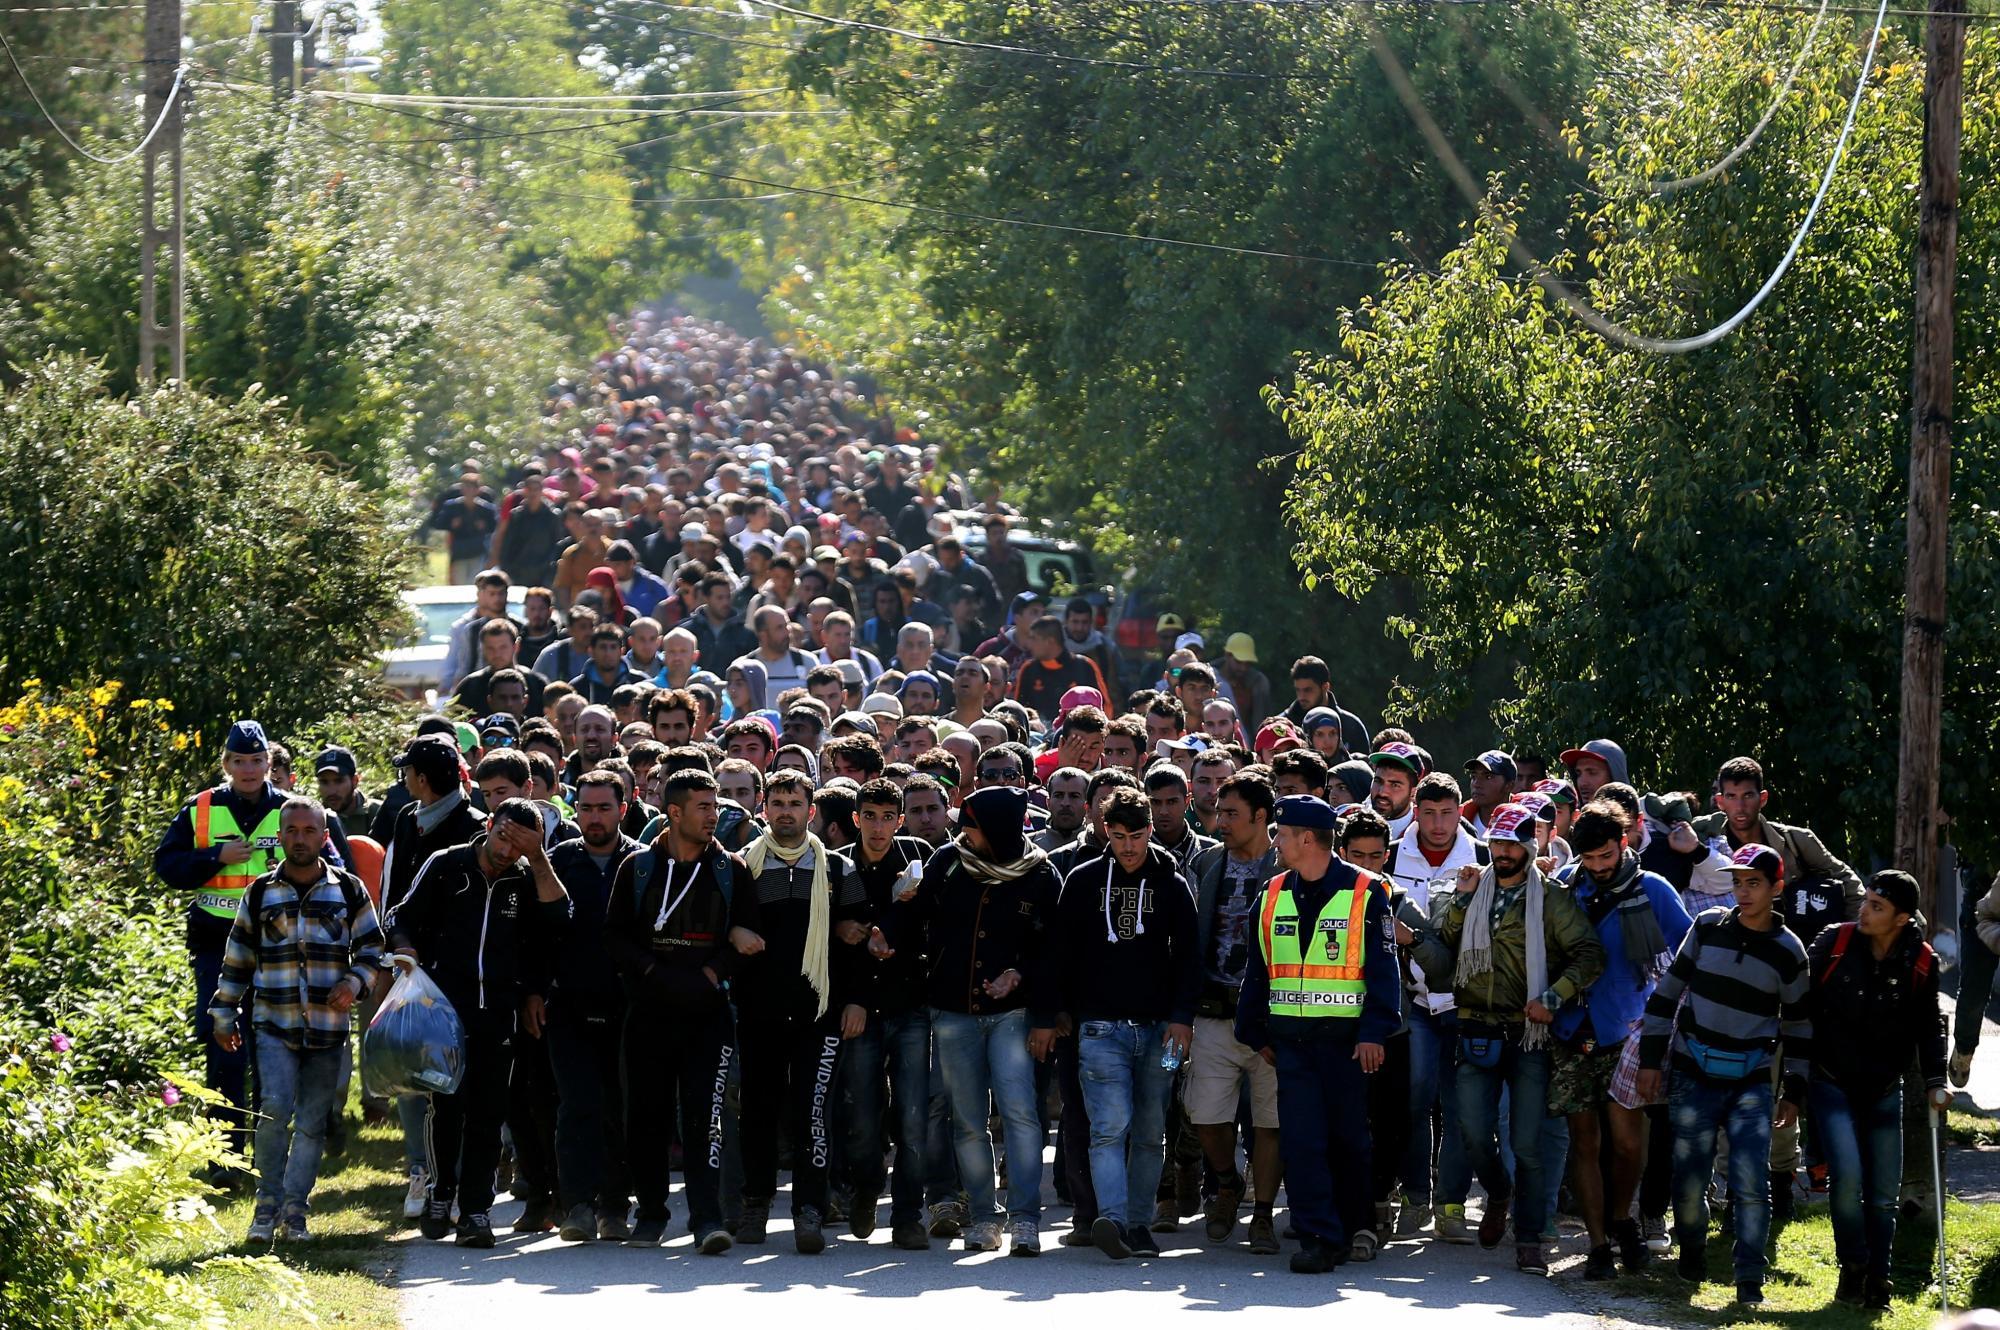 Στα χαρακώματα οι δήμαρχοι του νότου κατά της πρότασης για καταυλισμό προσφύγων στο Ελληνικό